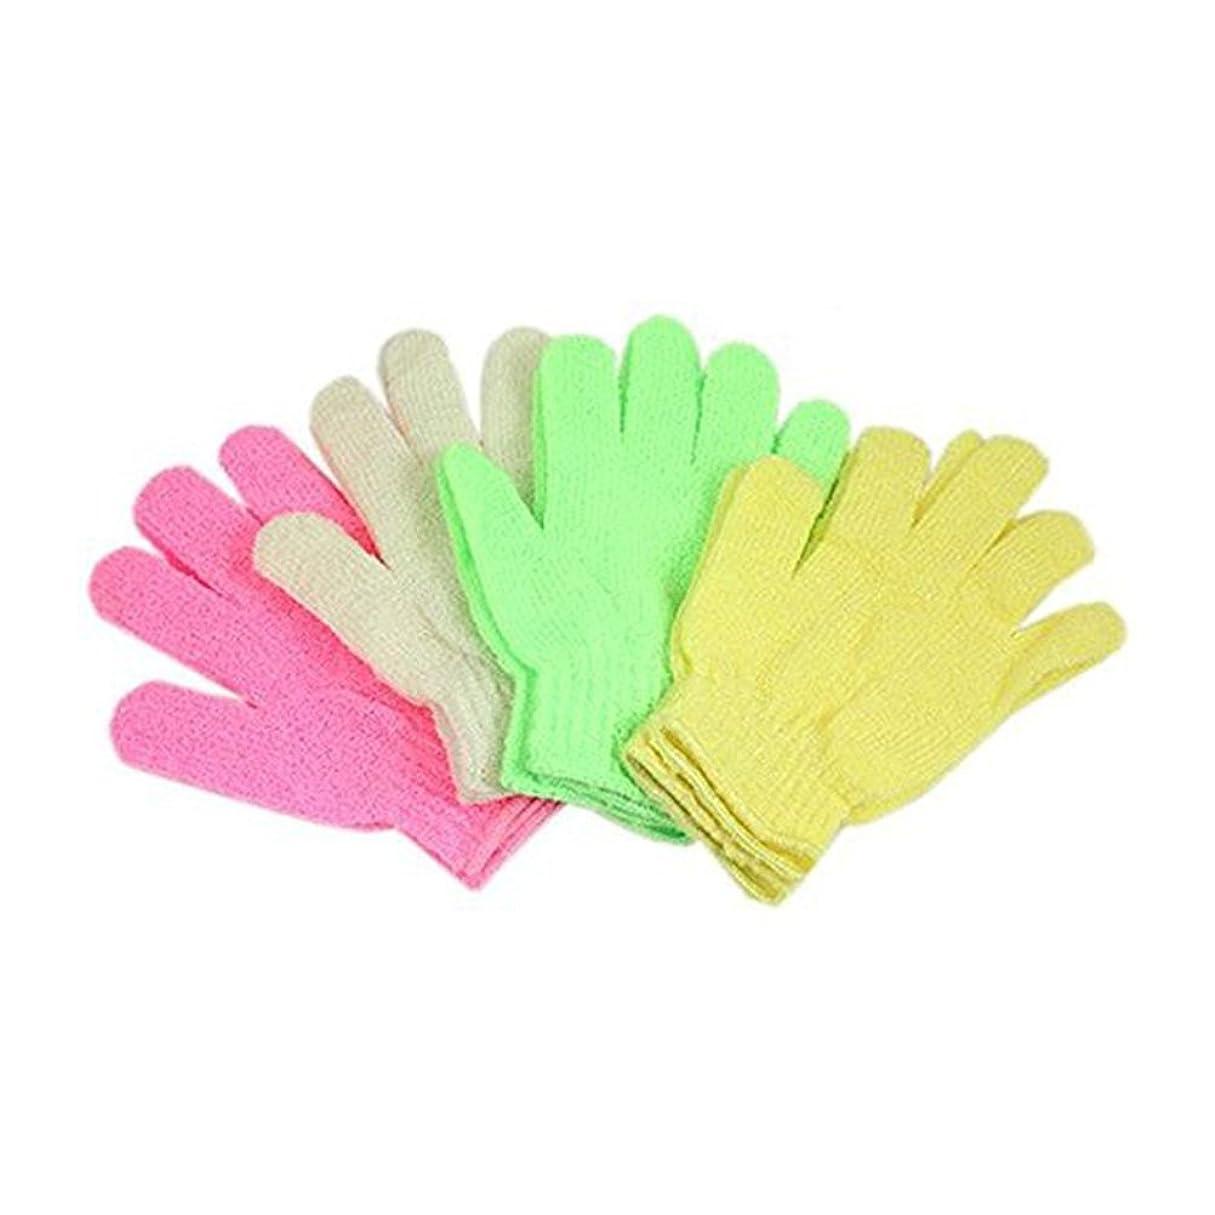 許可する保存する寝室ROSENICE 垢すり手袋ボディ シャワー(ランダム カラー)